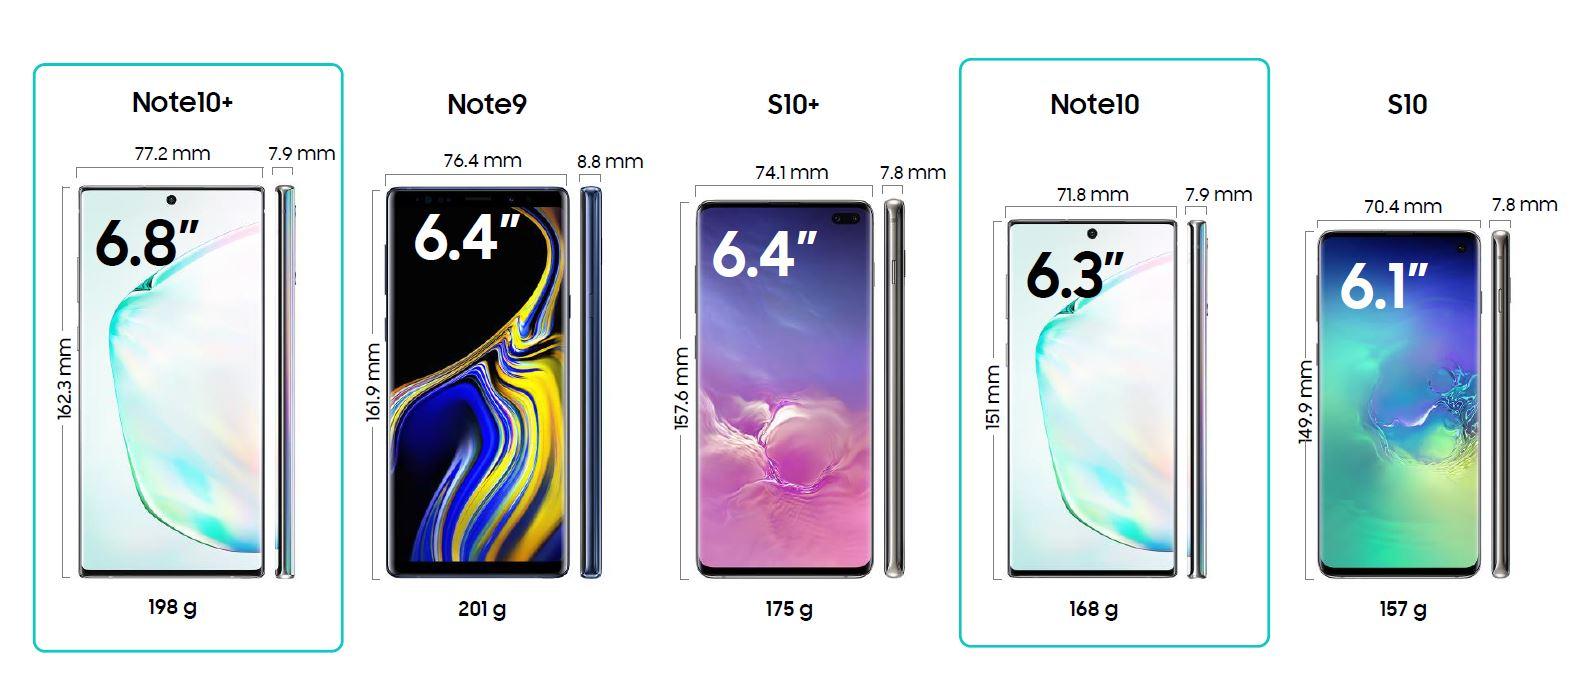 Srovnání velikosti Note 10 s ostatními telefony Samsung